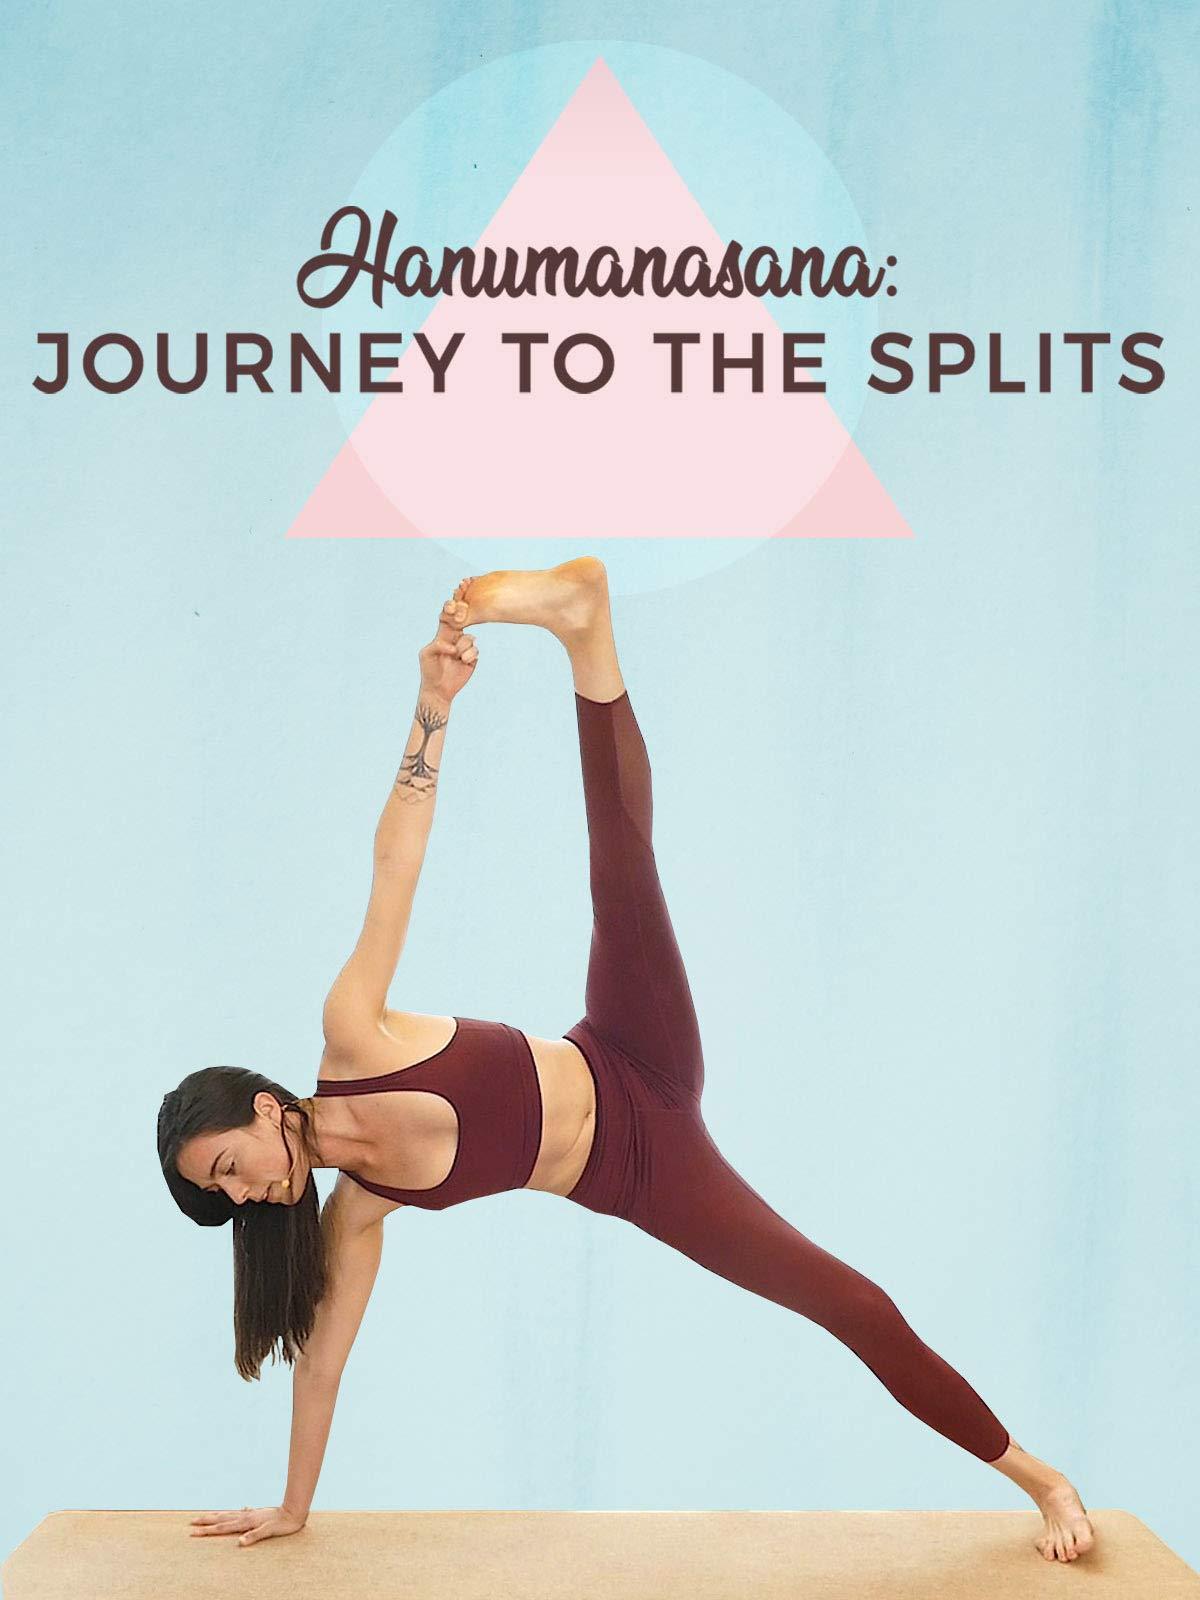 1 Hour Intermediate Flow - Hanumanasana - Journey To The Splits